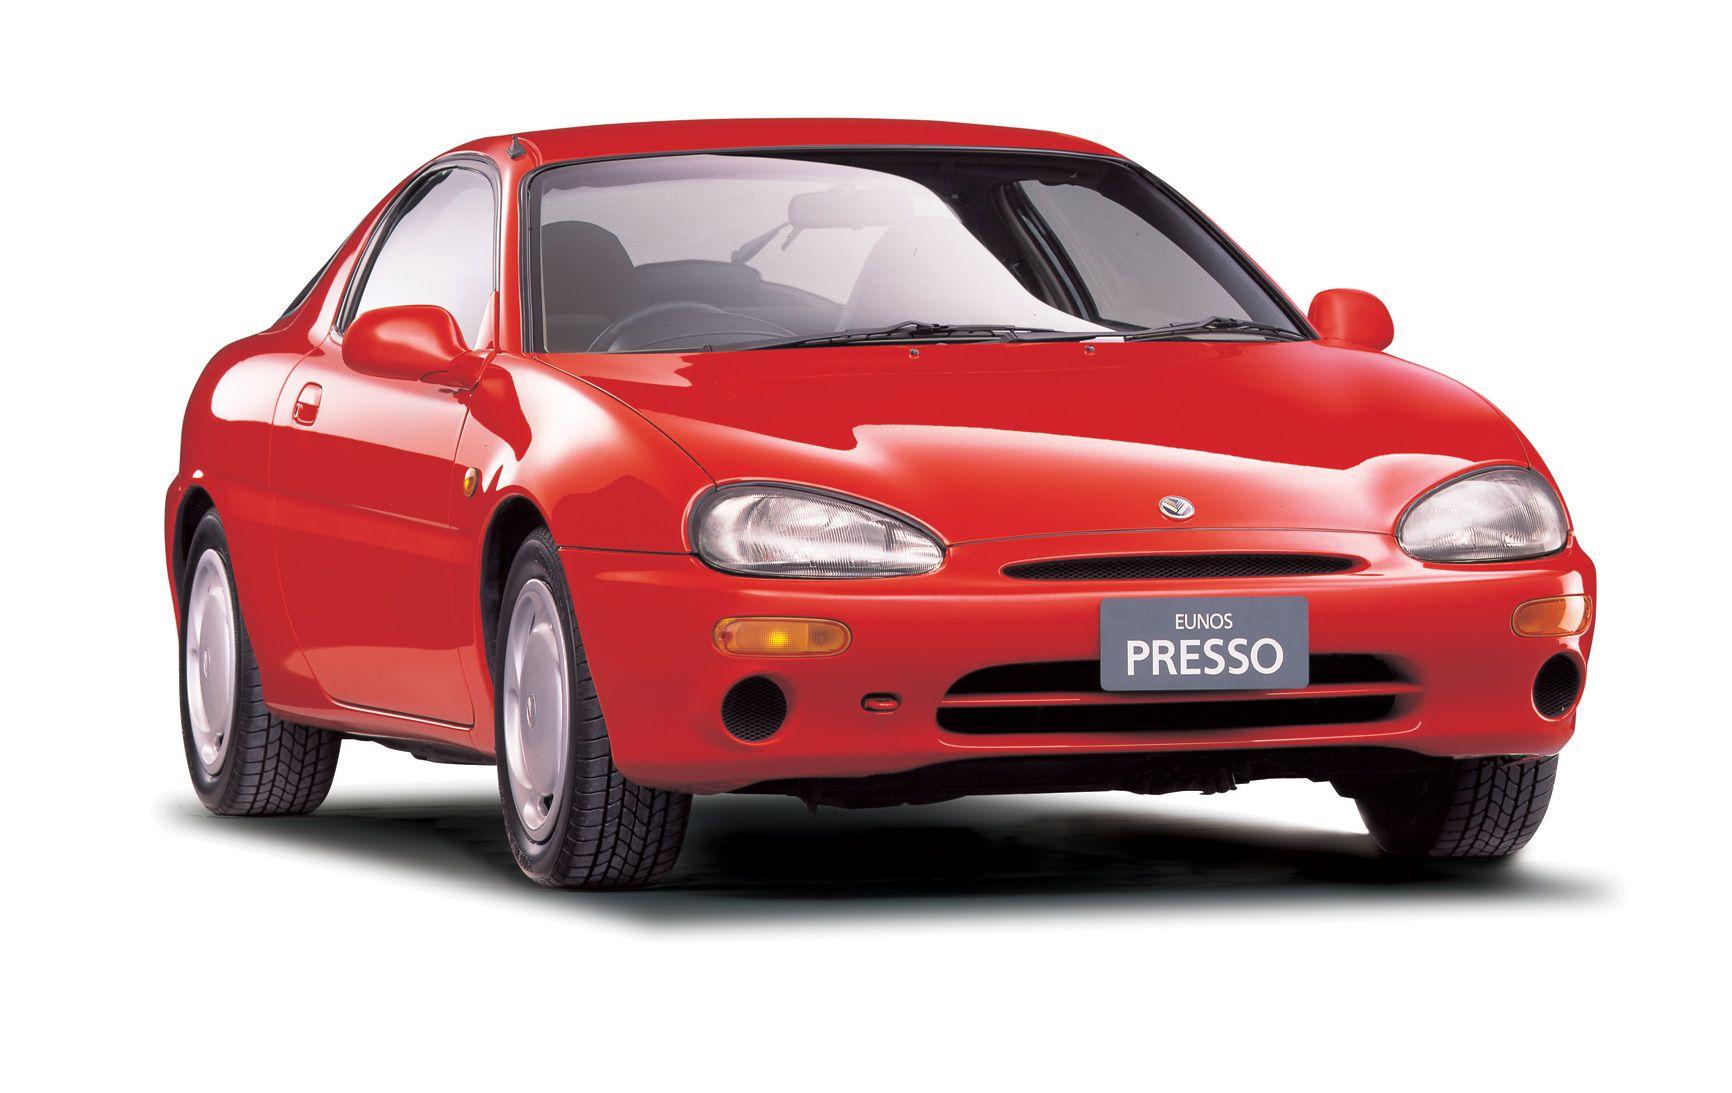 Kodo Soul Of Motion The Mazda Design Philosophy Mazda Cars Mazda Mazda Mx3